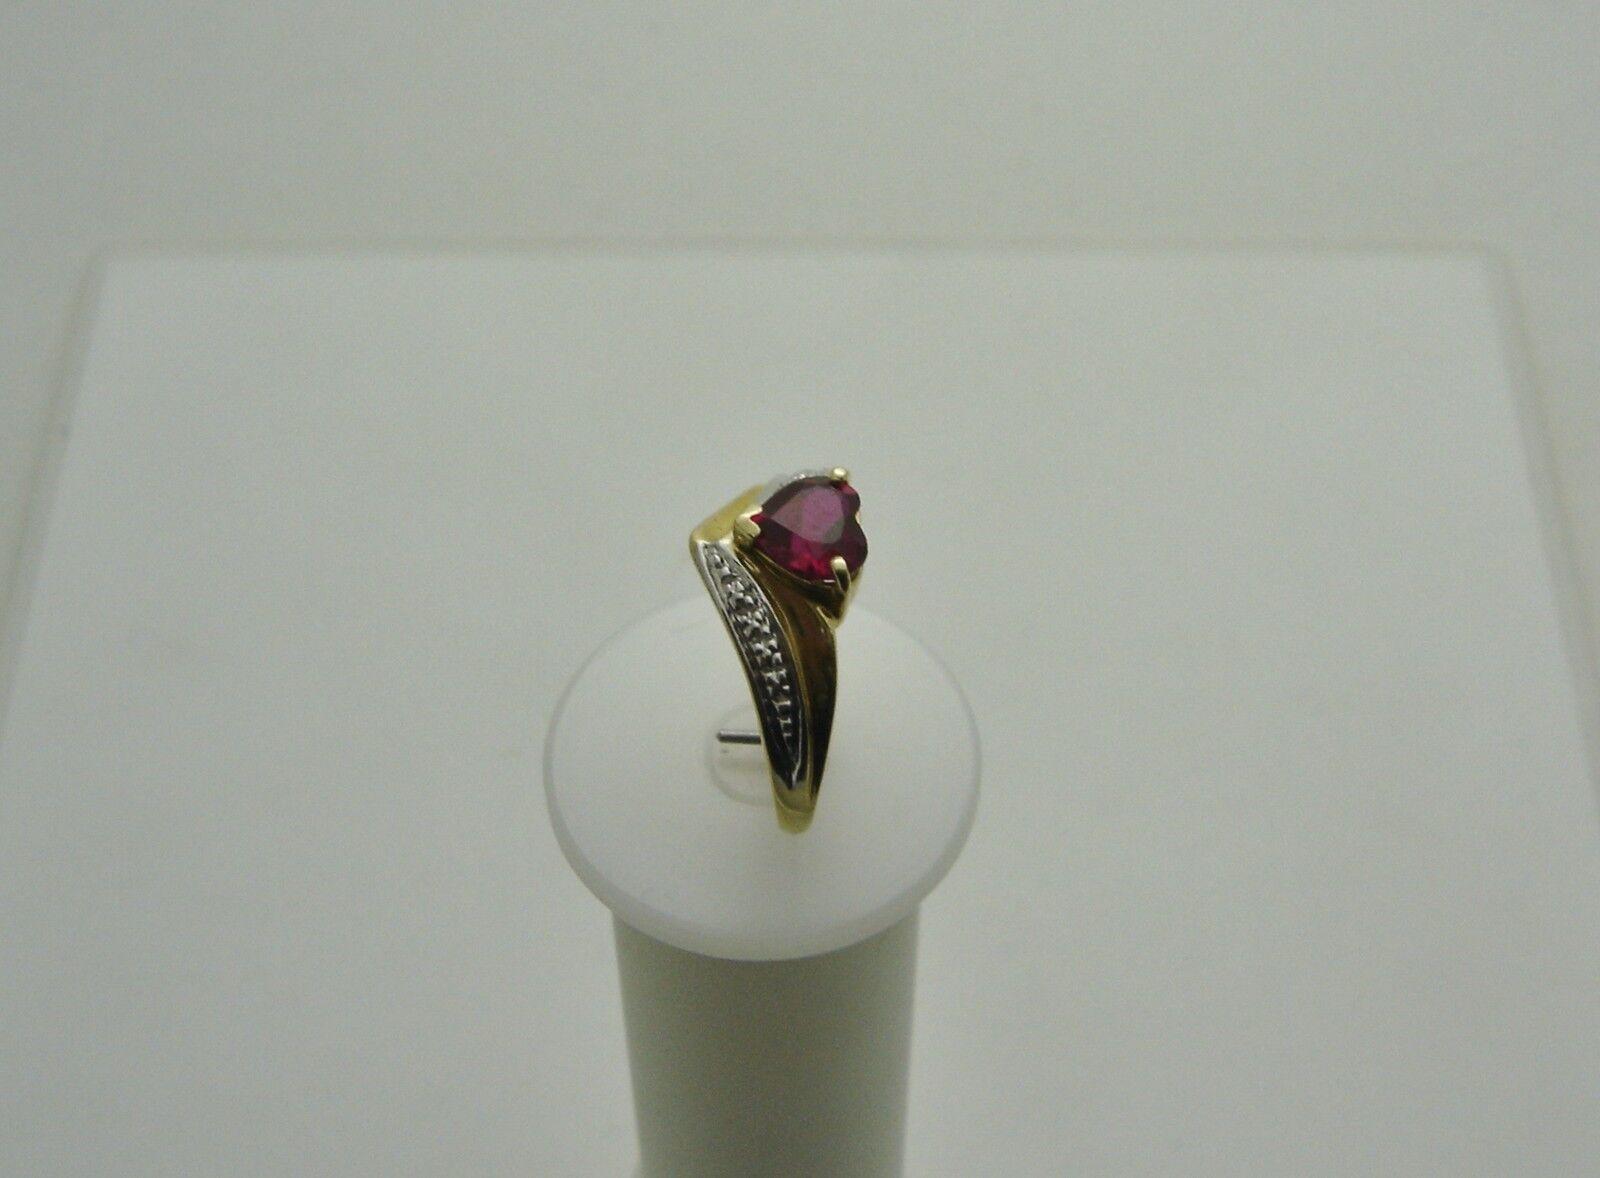 Cuore o Mine  14k oro Giallo Giallo Giallo Coltivata Rubino Cuore Anello Diamante Taglia 6 1 2 01c194